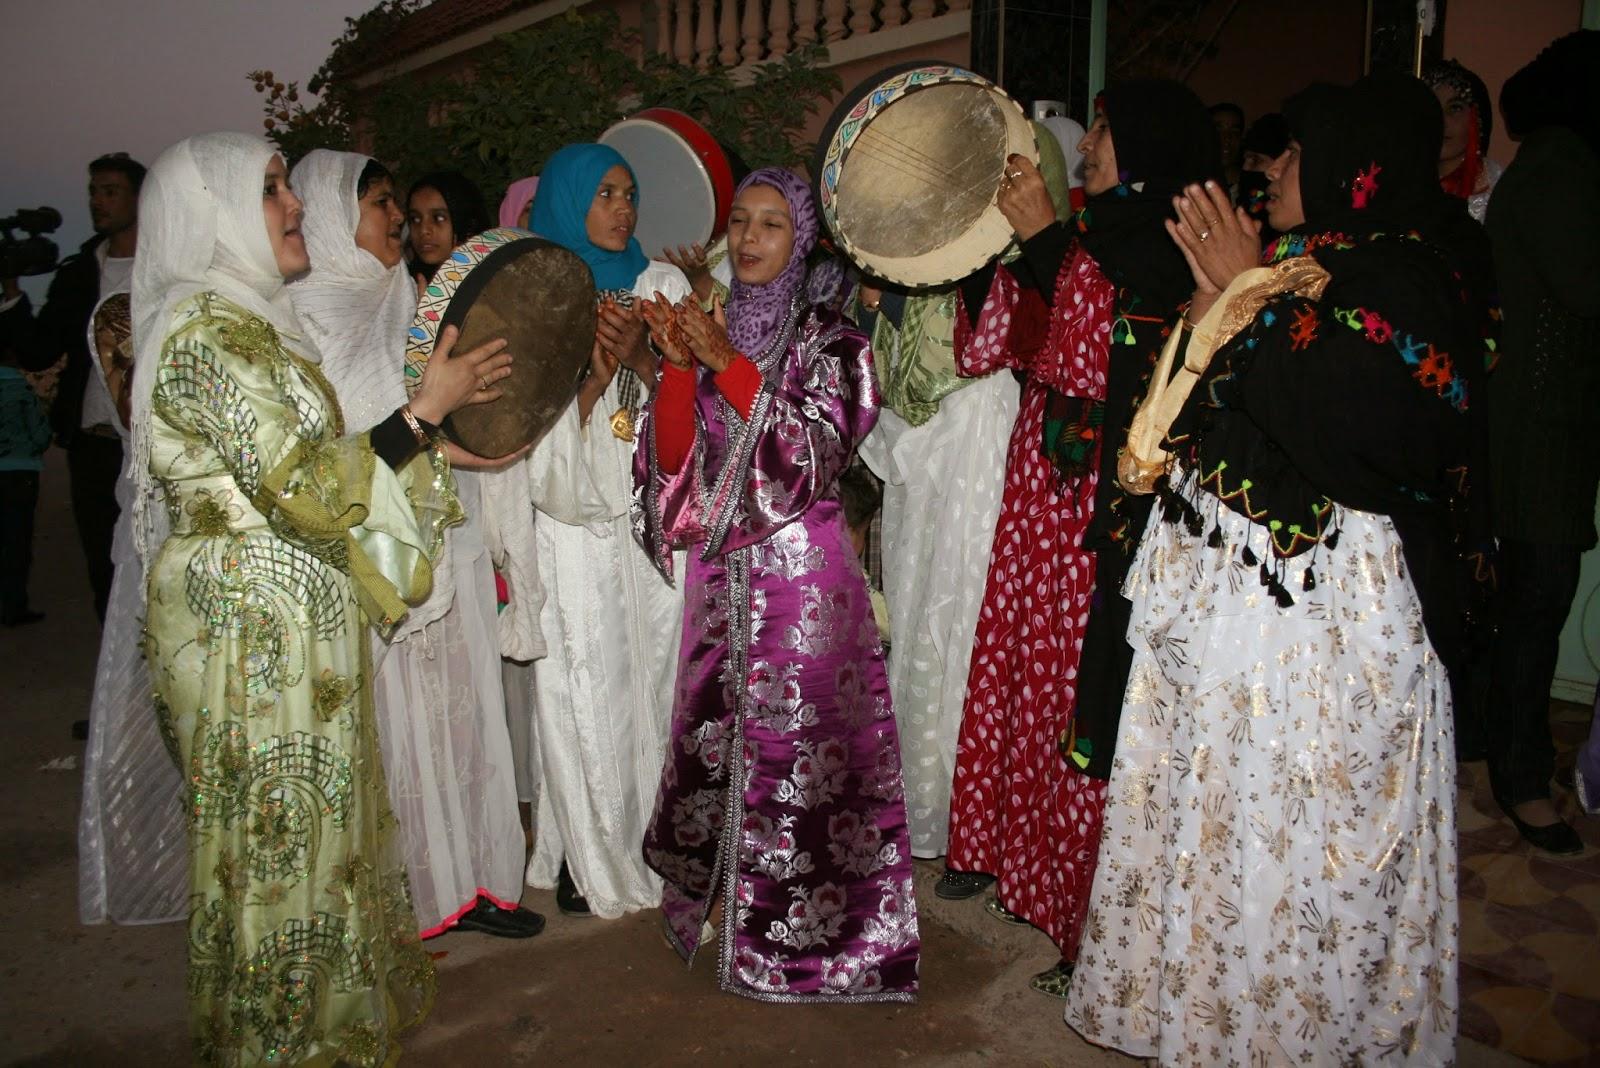 viajes a marruecos, desierto bereber, kasbah luna del sur, marrakech, aventura